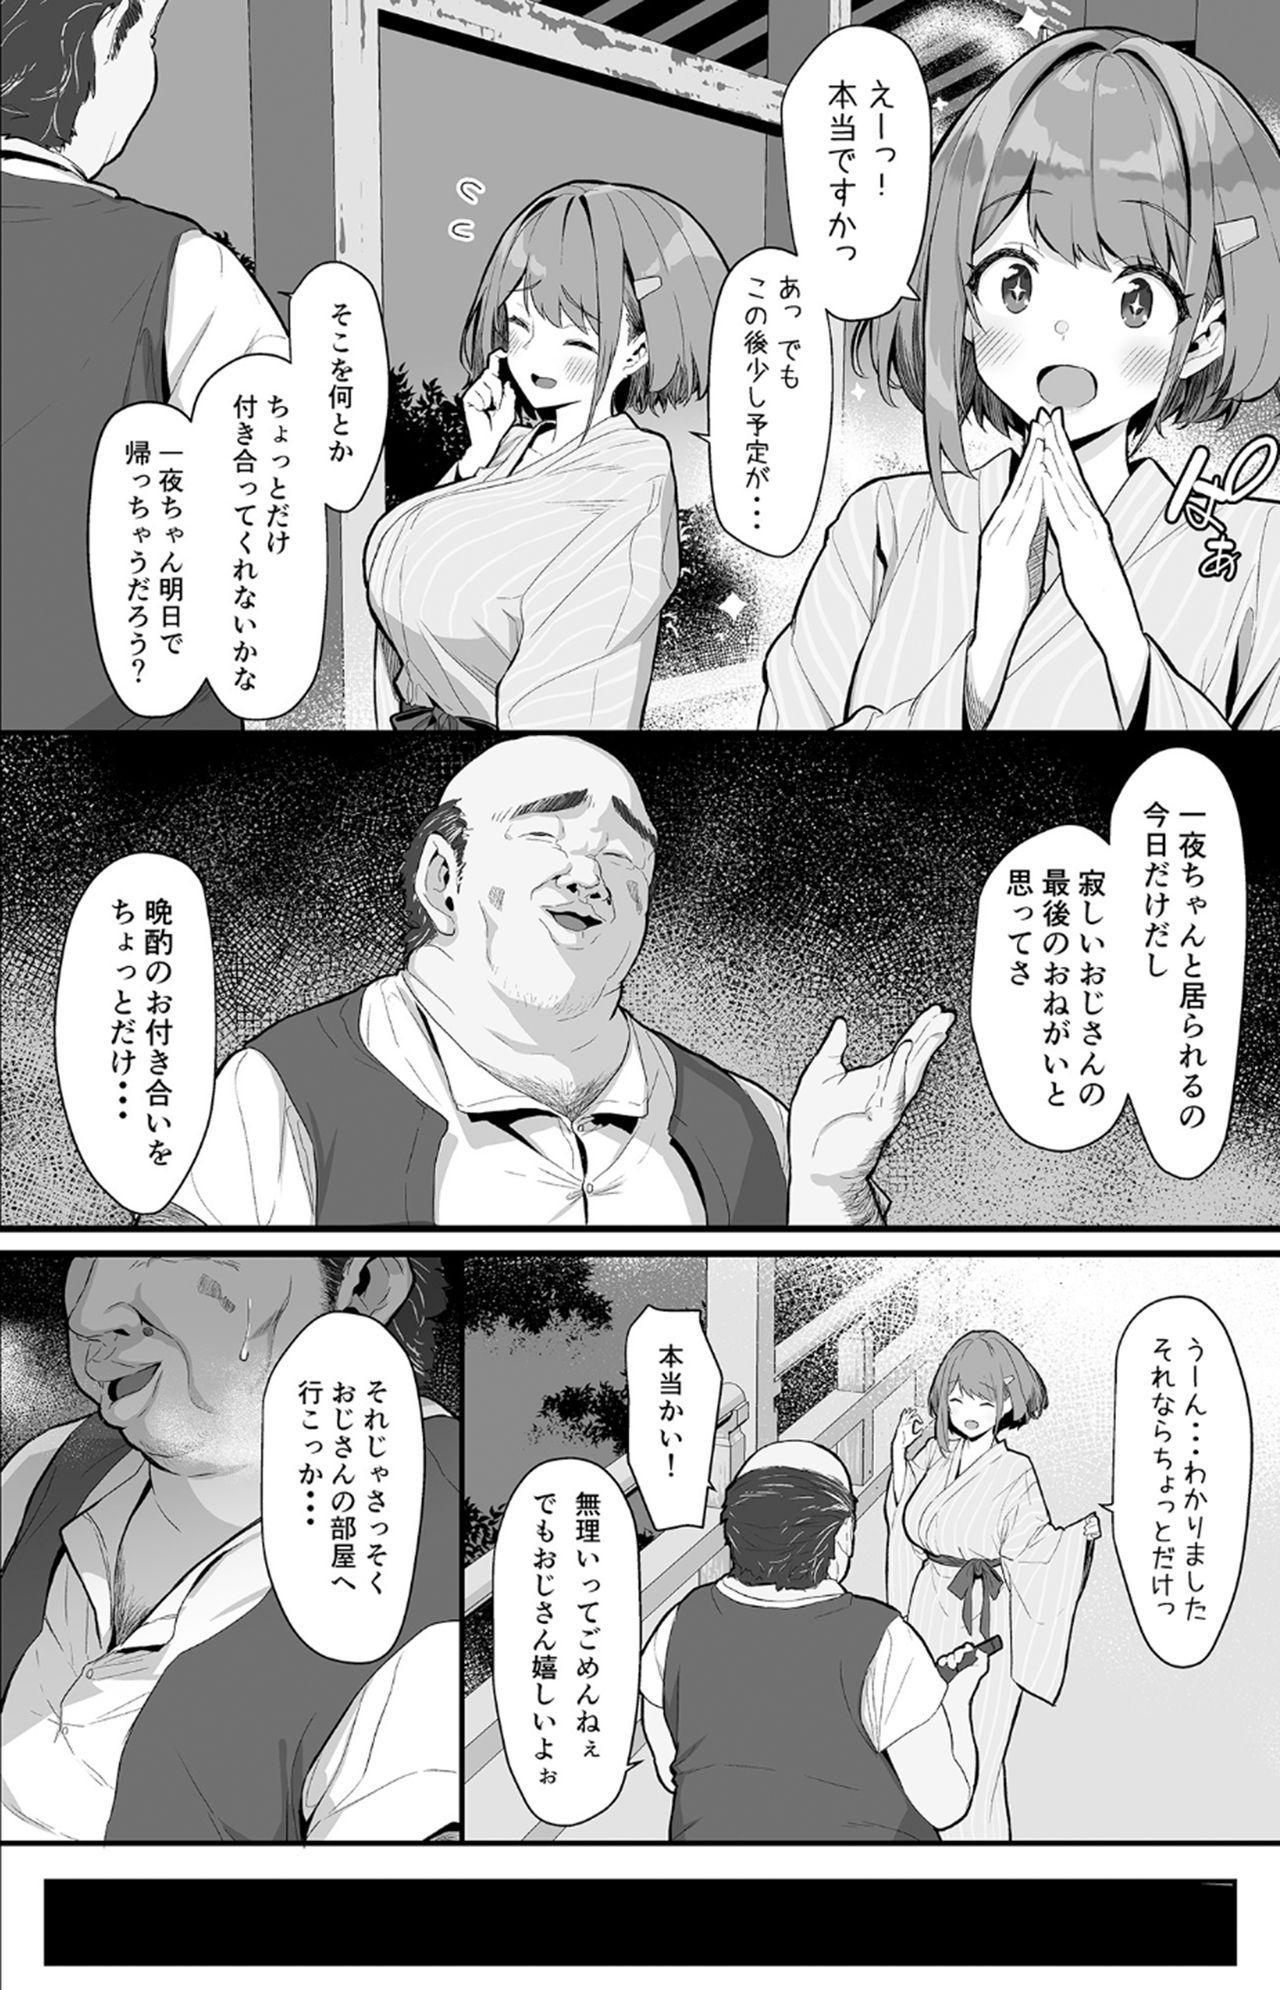 Hitoyo-chan no Junan 2 4